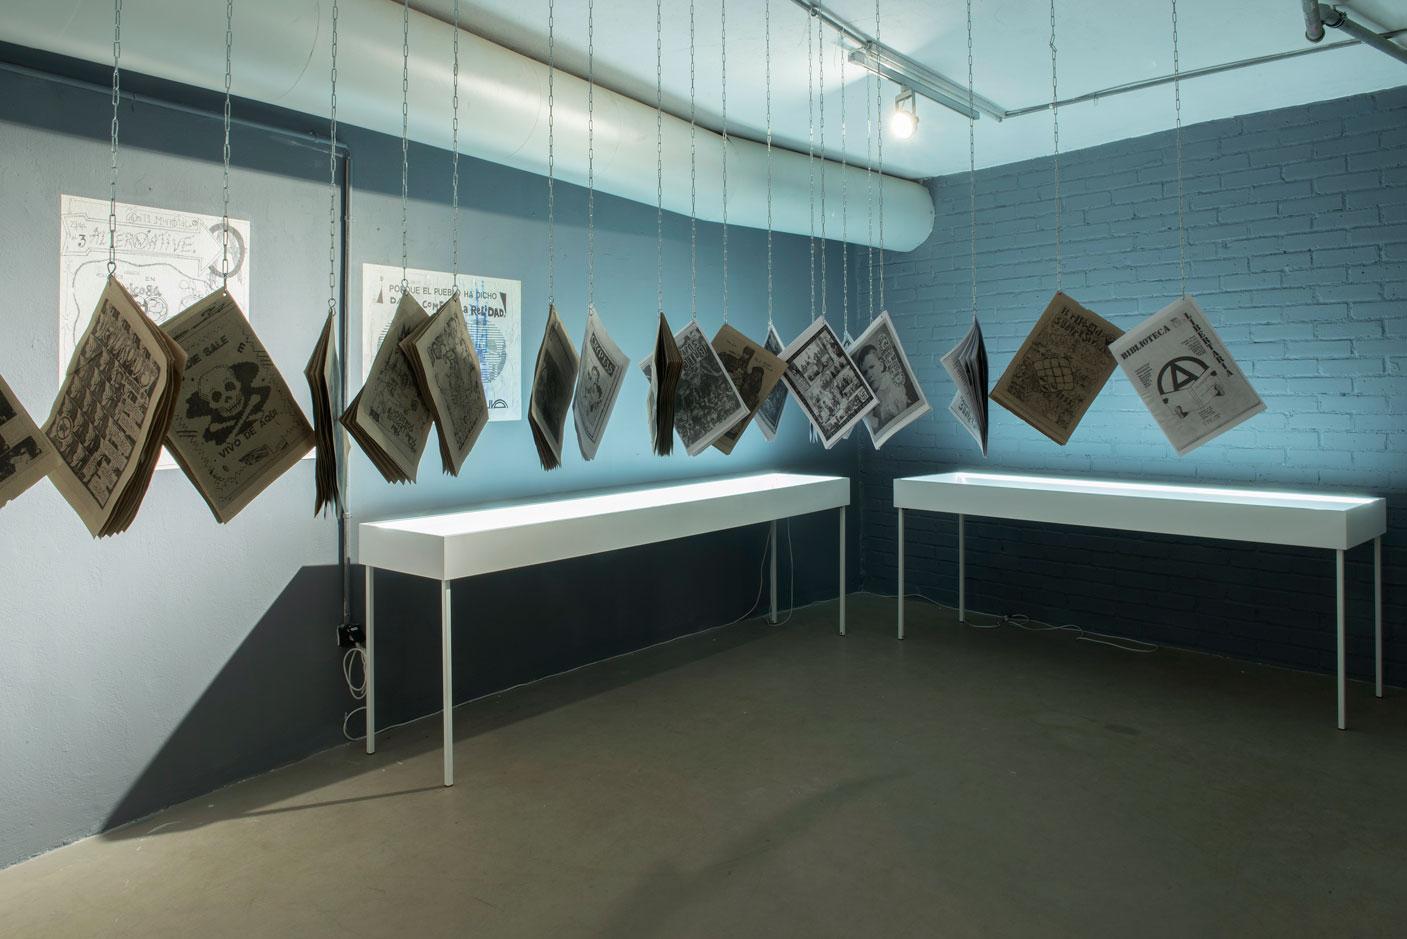 Widok wystawy Laureany Toledo iDr. Lakry: PUNXDEFEKTUOZOZ. Work in progress. Fot.Małgorzata Kujda, © Muzeum Współczesne Wrocław, 2015